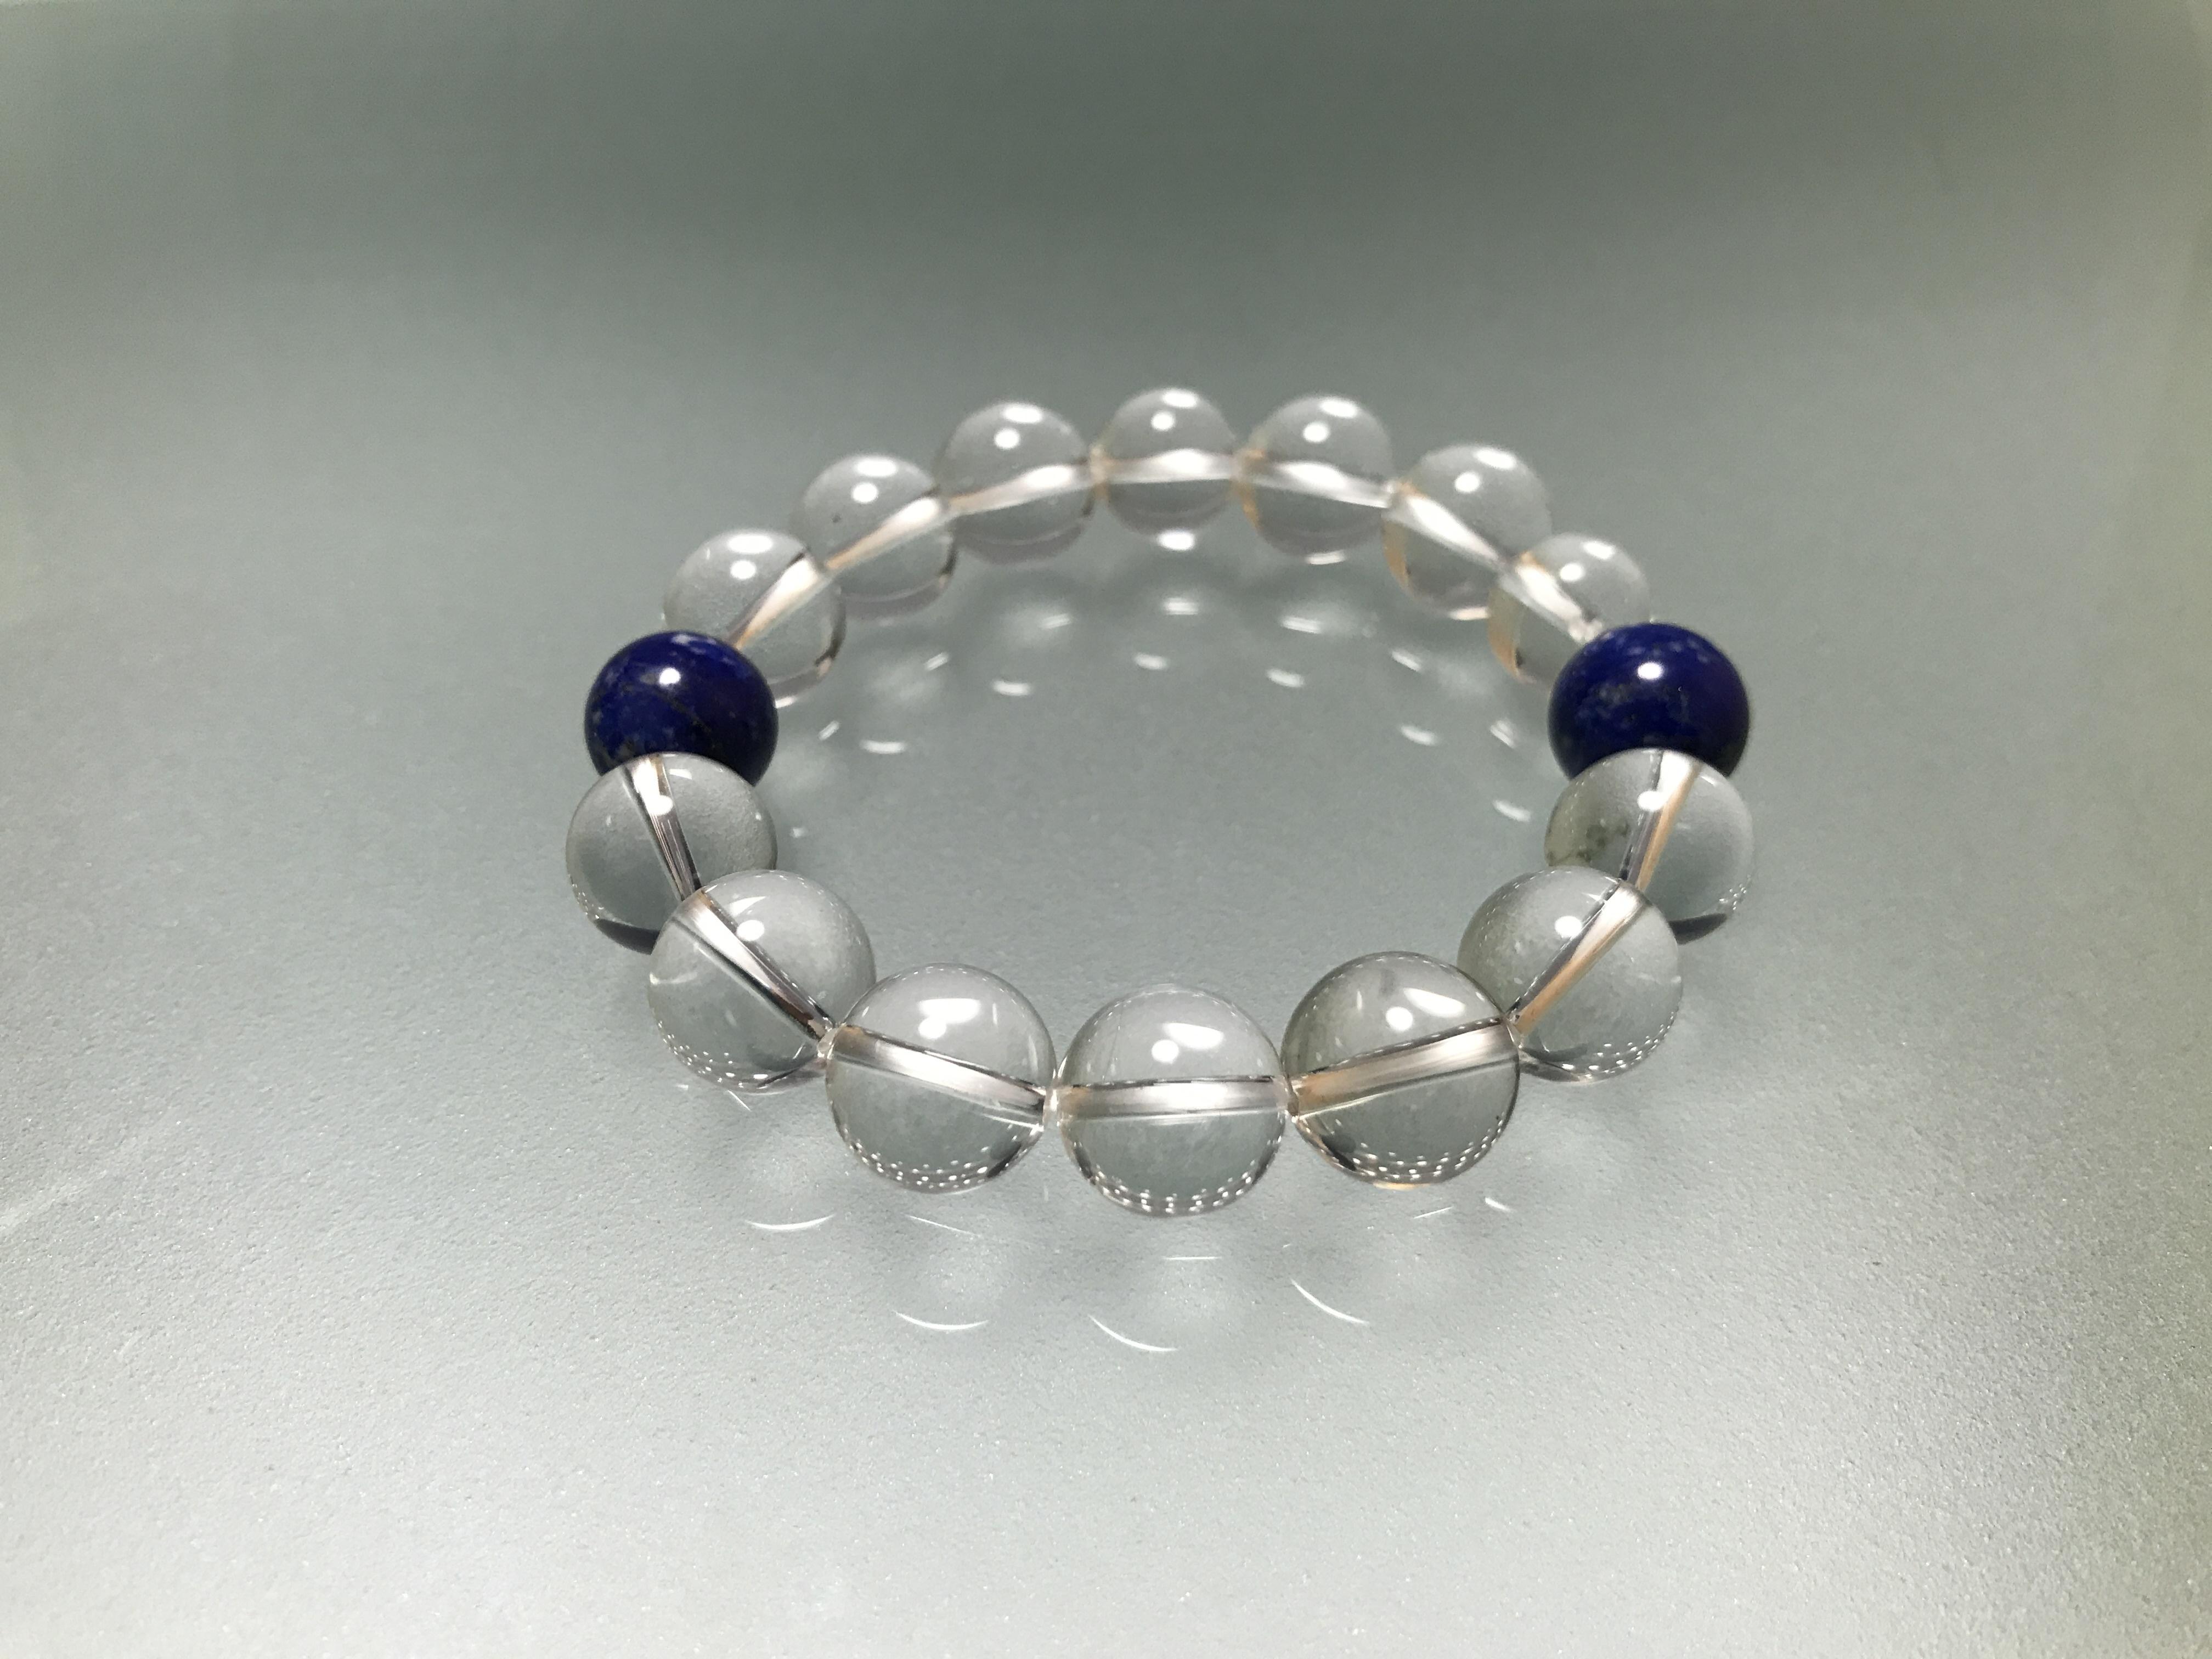 水晶&ラピスラズリ 12mm 、浄化の水晶に肉体、情緒、精神、霊性の調和のラピスラズリの組み合わせです。